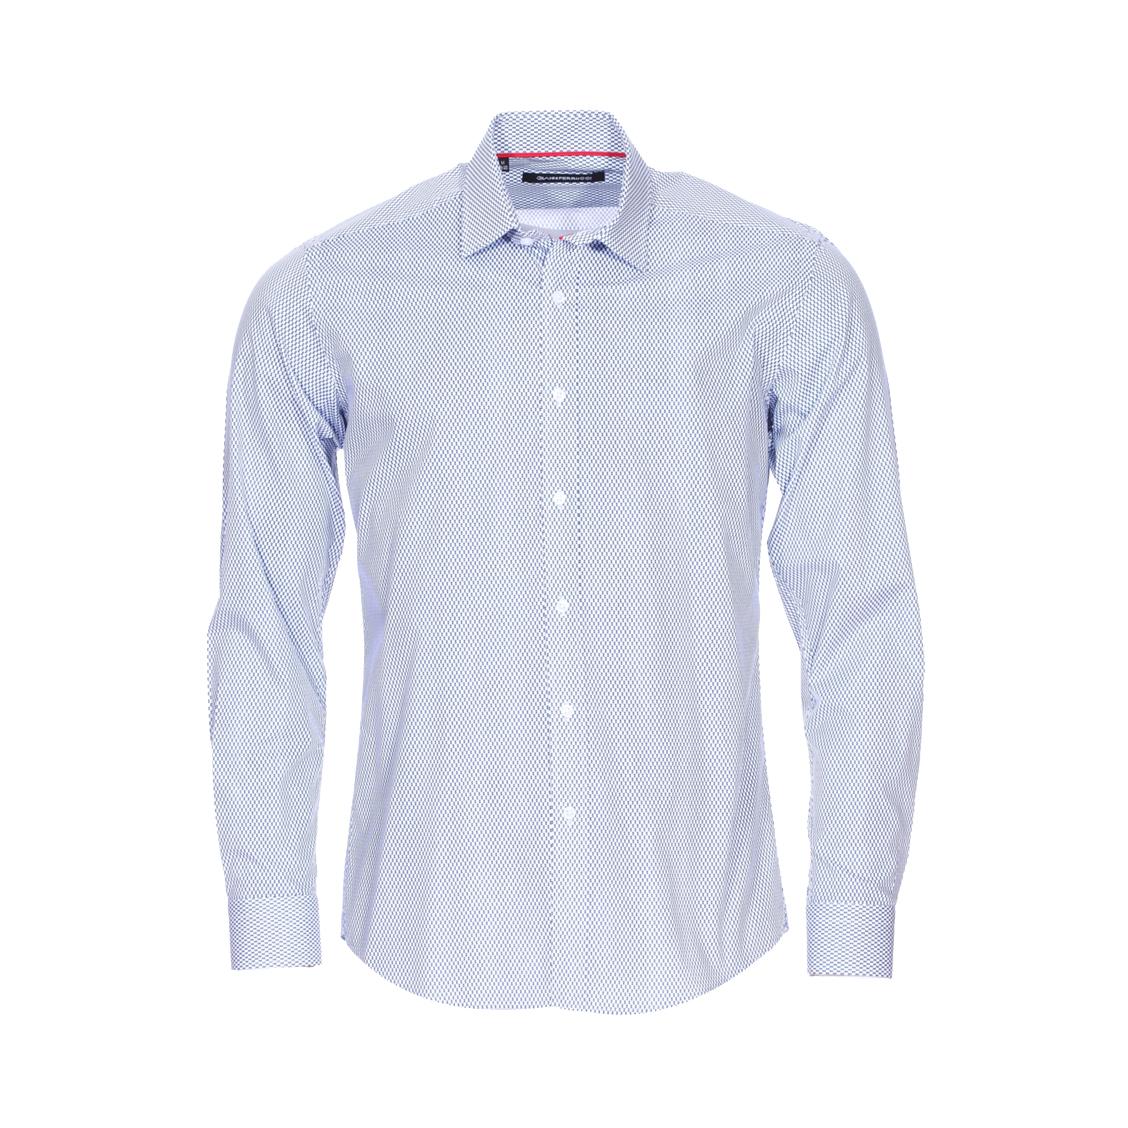 Chemise cintrée Gianni Ferrucci en coton bleu marine à motifs indigo et blancs